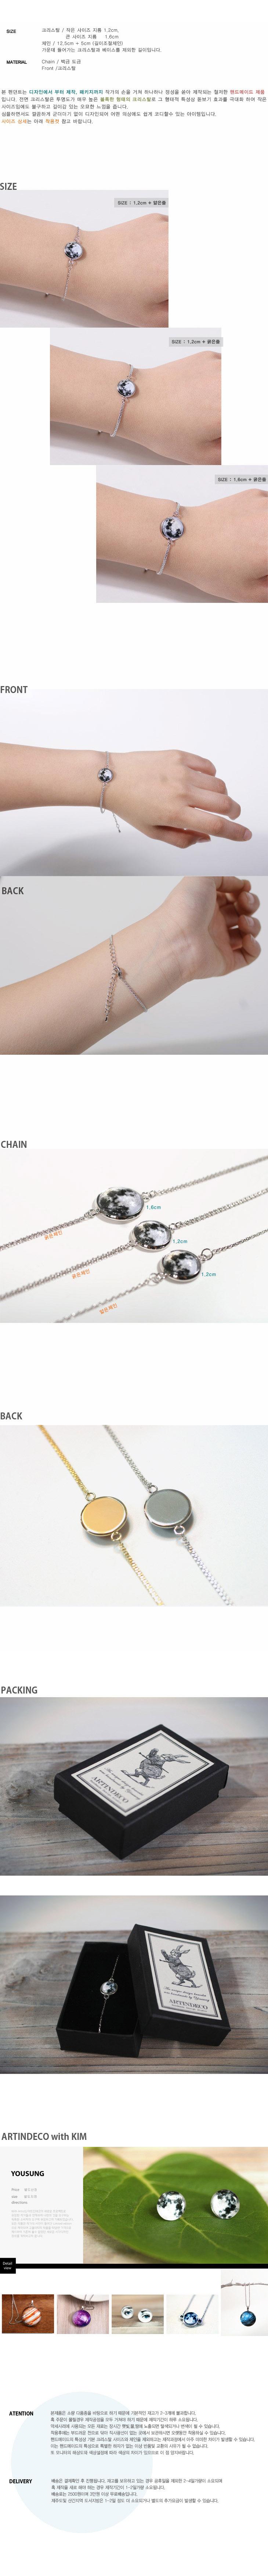 행성팔찌 -달(Moon) - 아트인데코, 14,800원, 팔찌, 패션팔찌